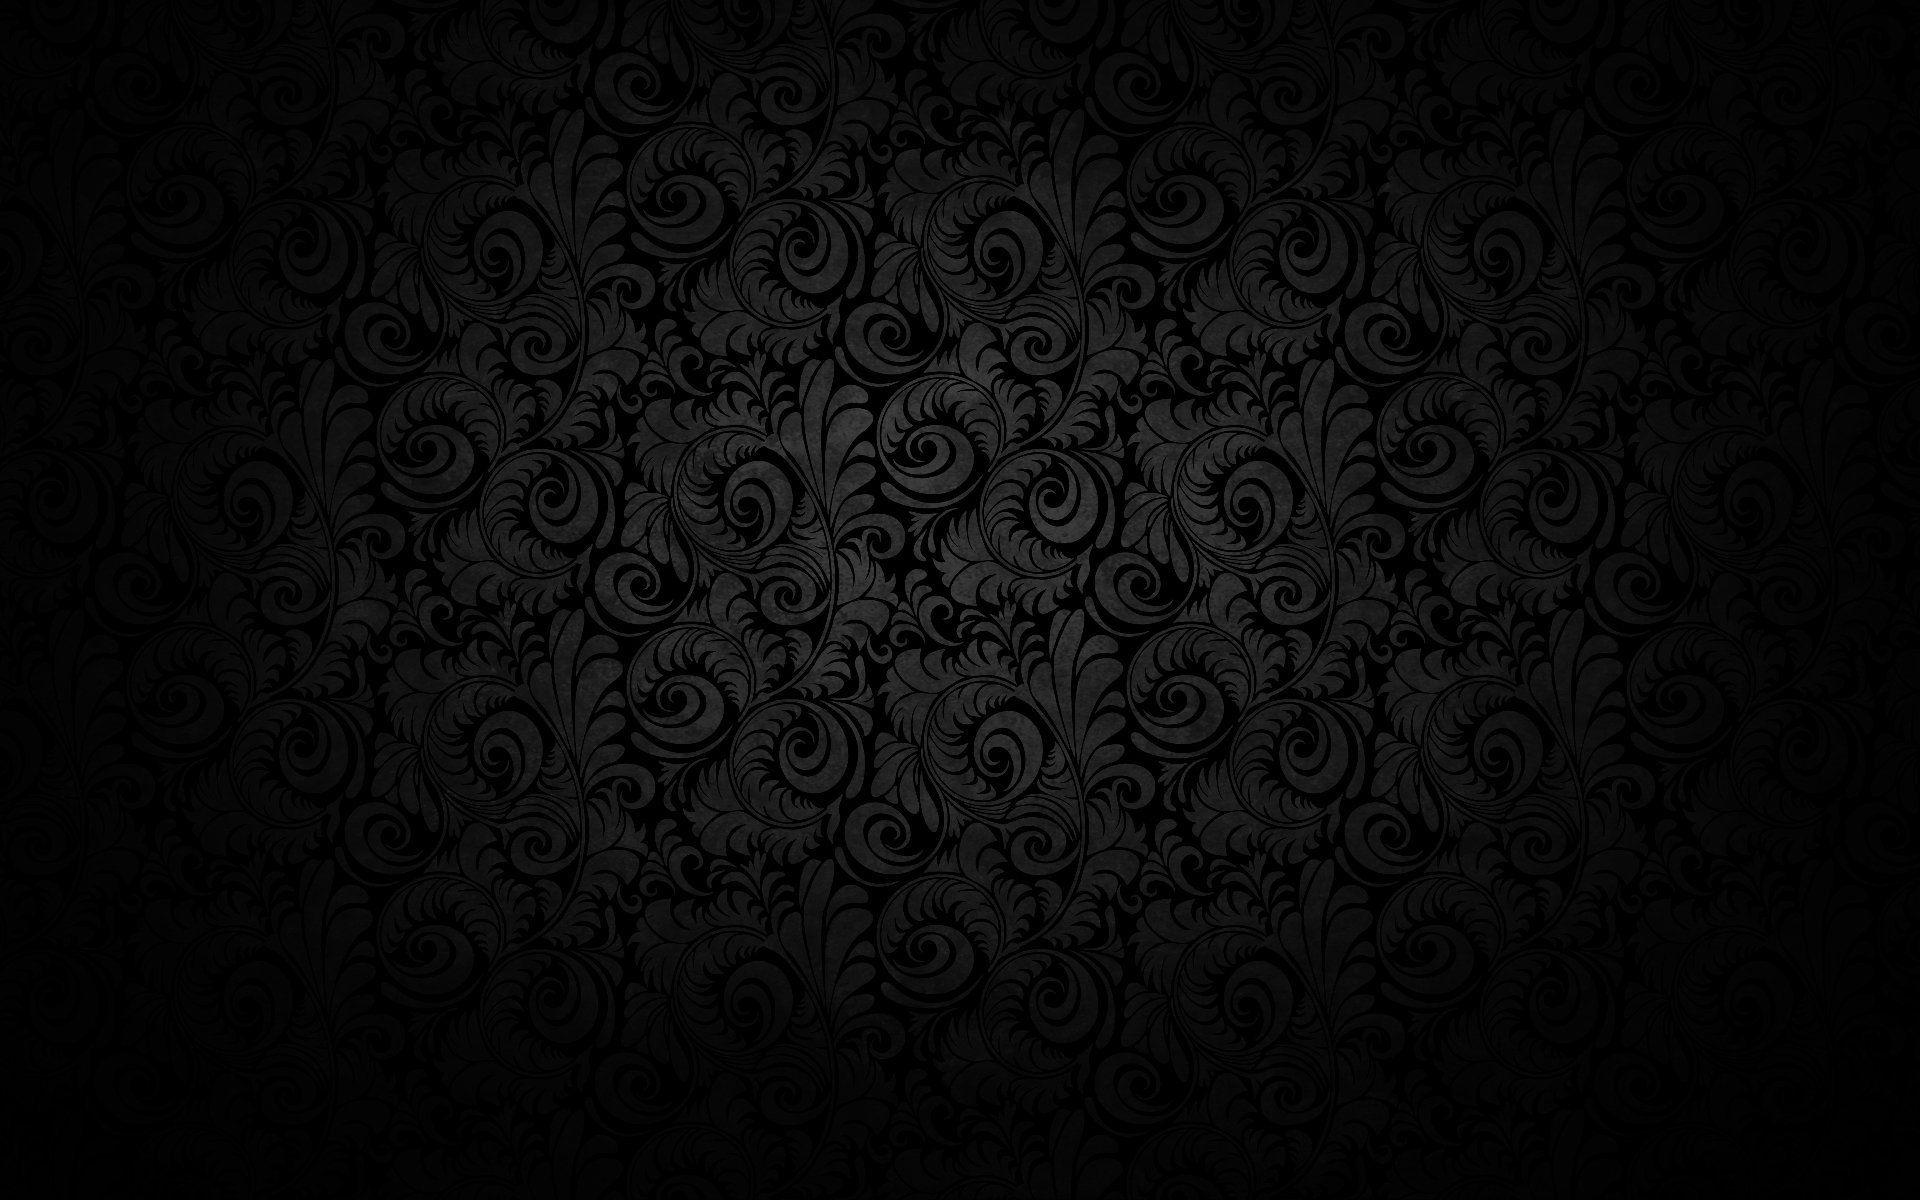 Background images for websites - Background Patterns Web Dark Website Blogger Beautiful Image